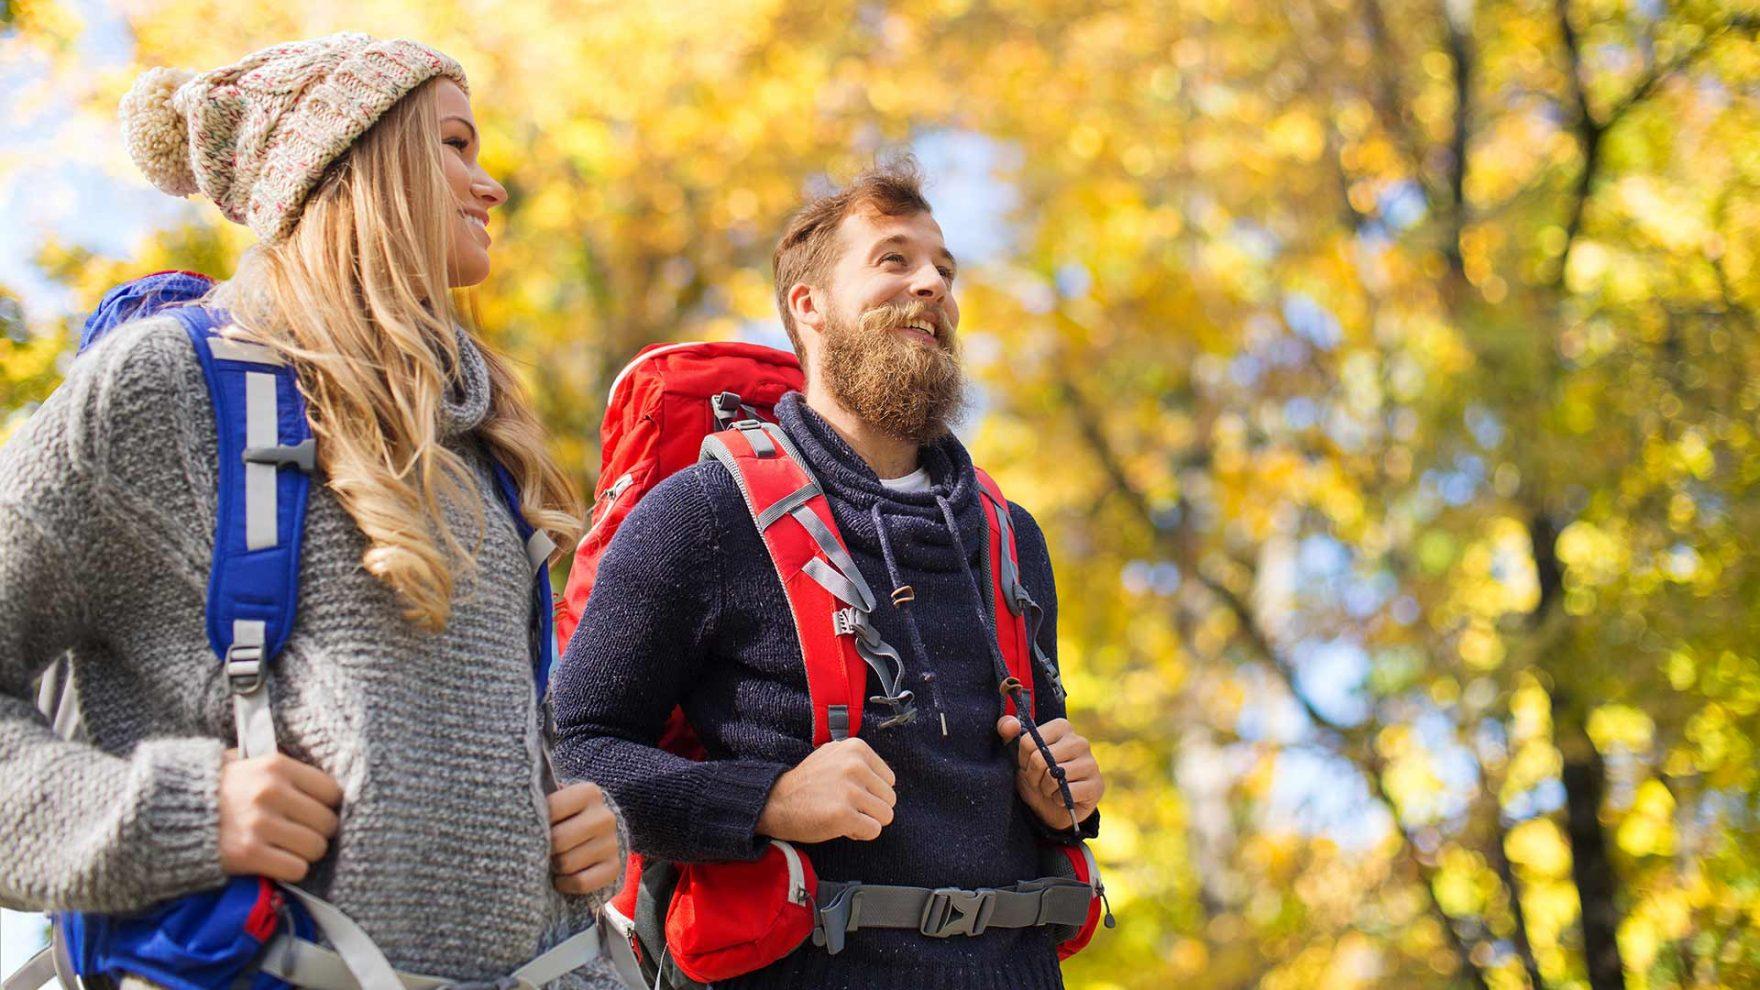 Vacanze d'autunno a Merano e dintorni - Vacanze escursionistiche